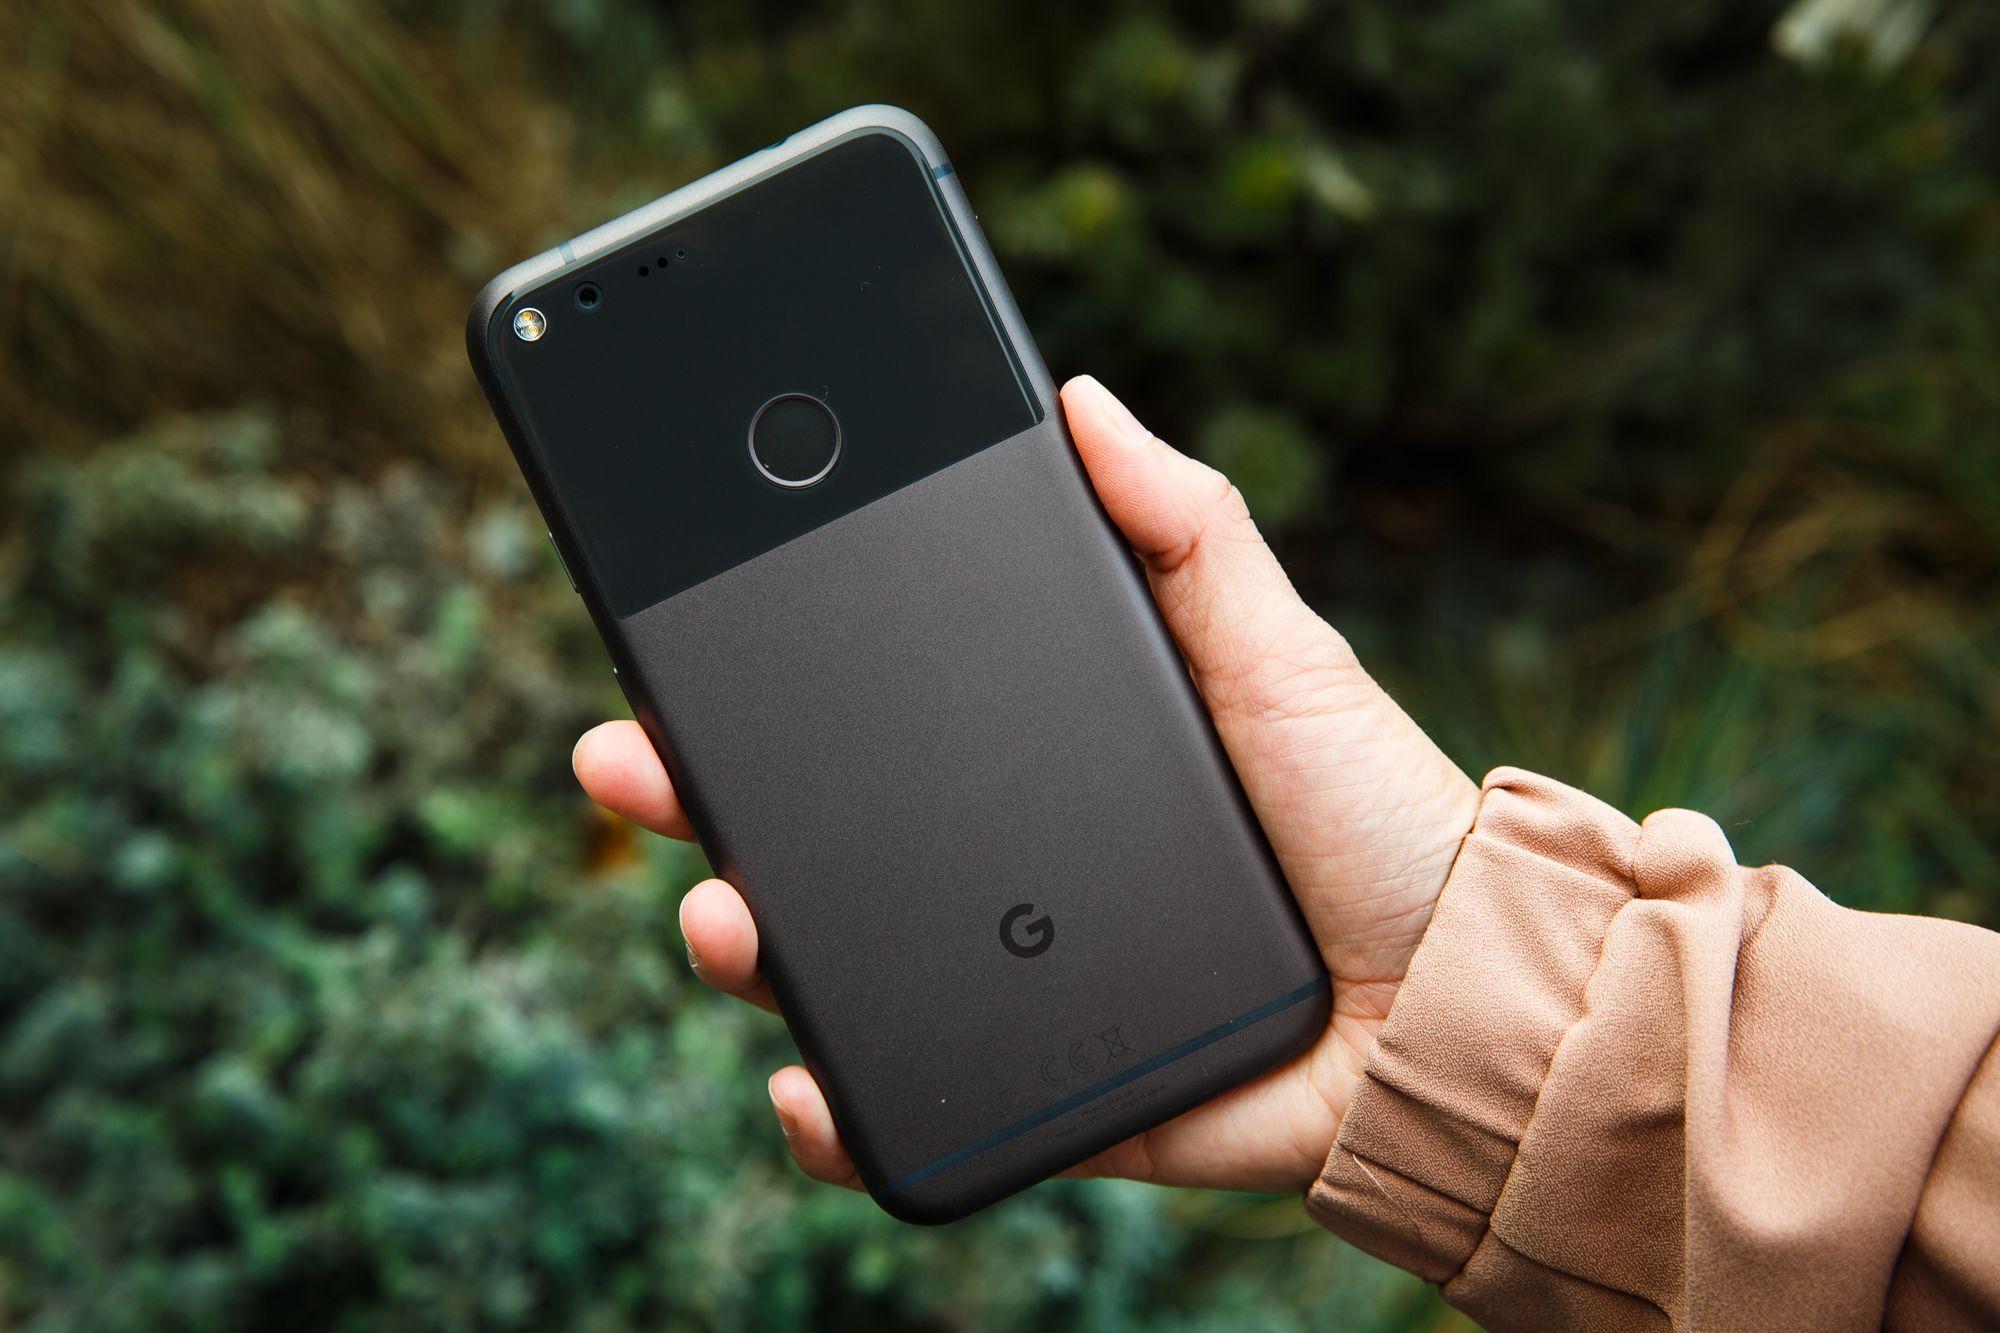 5f3958547326bc Lorsqu on lit les premiers tests du Google Pixel, le premier téléphone  intégralement conçu et commercialisé par la firme de Mountain View, on se  rend vite ...